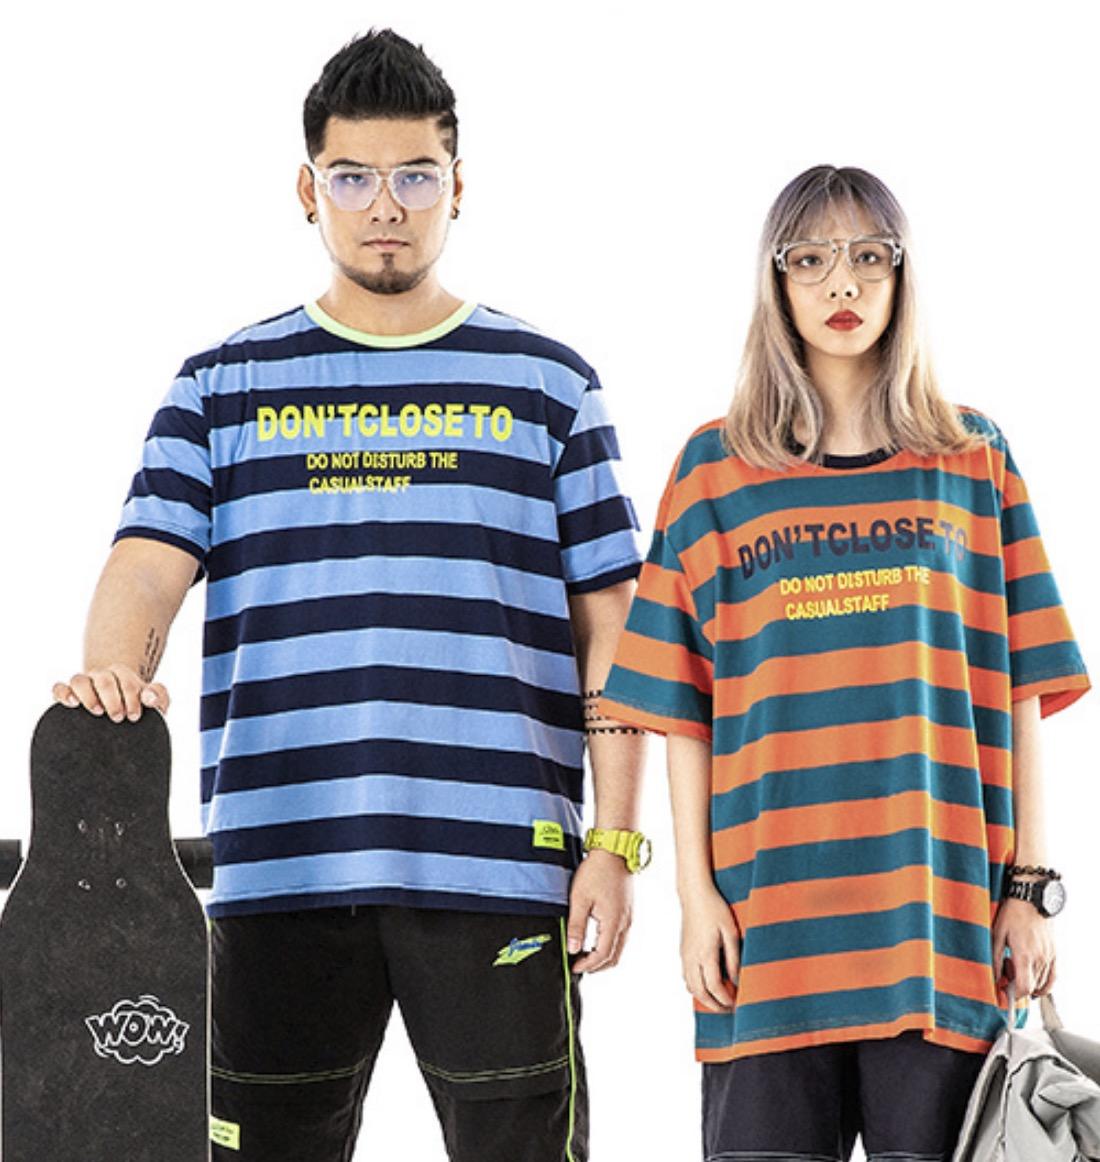 ขนาด:XL 2XL 3XL 4XL 5XL 6XL 7XL สี:ตามภาพ เสื้อคนอ้วน เสื้อผ้าผู้ชาย ขนาดใหญ่ เสื้อยืด แขนสั้น